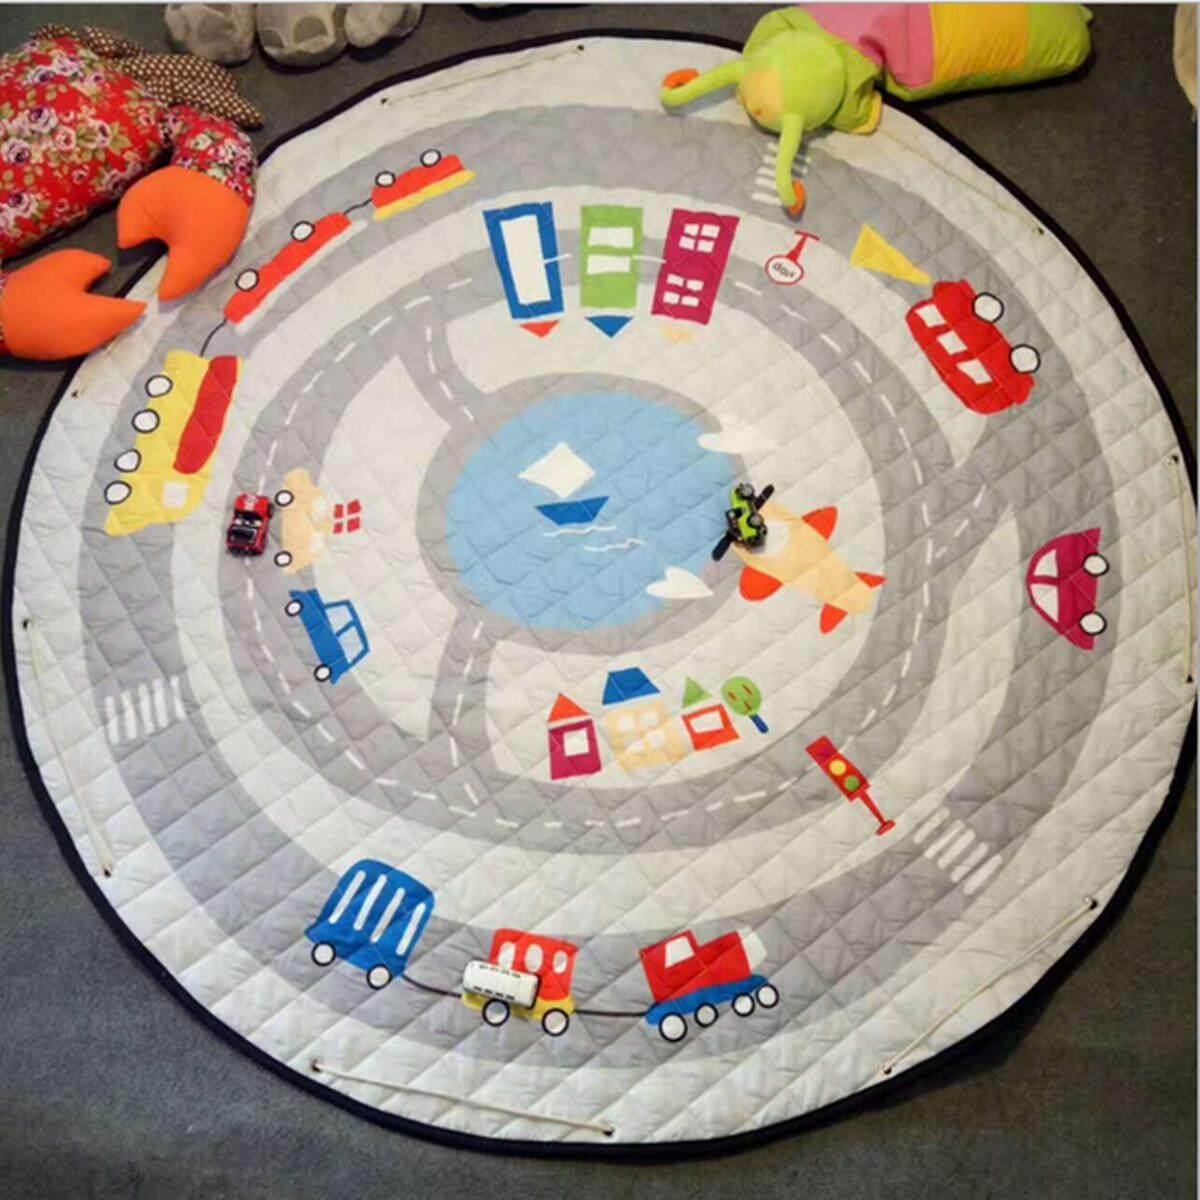 145 cm Tròn Lớn Kid Game Gối Tập Bò Thảm Chơi Thảm Chăn Thảm Trải Sàn - 2